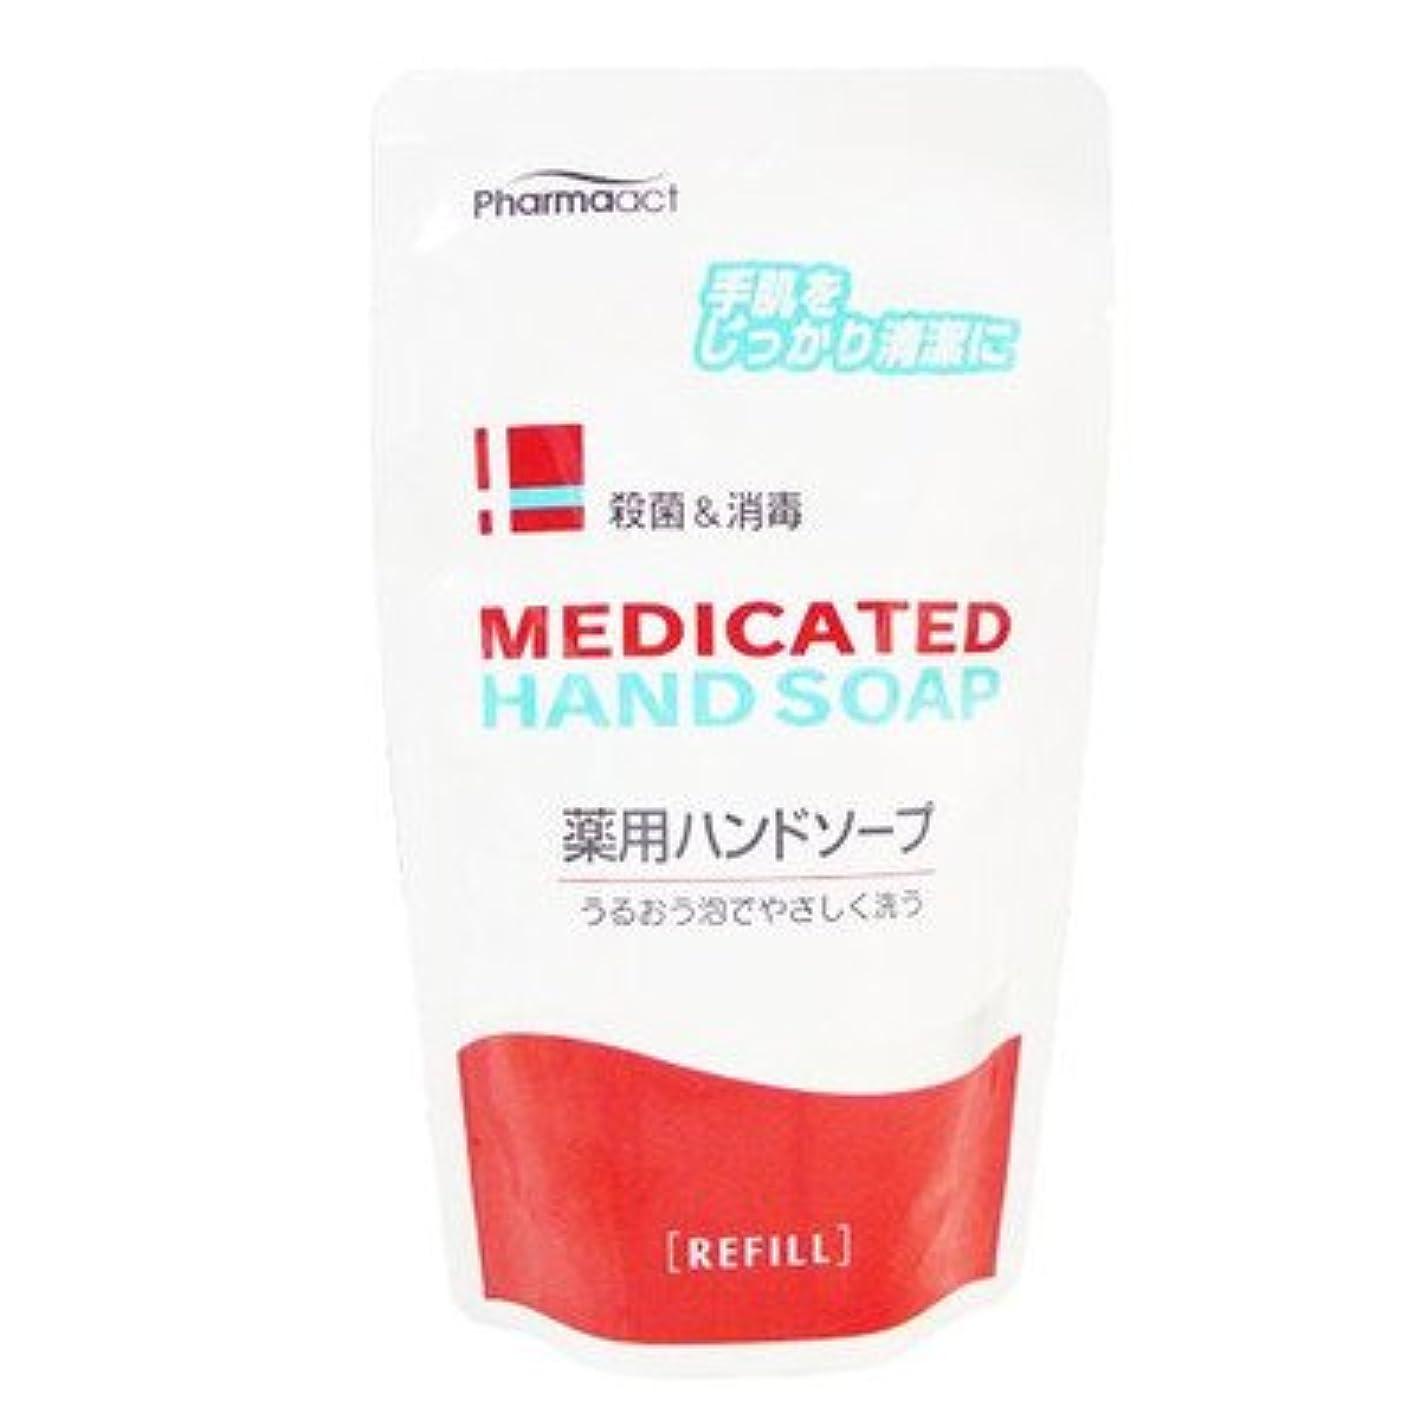 繰り返した仲良し背骨Medicated 薬用ハンドソープ 殺菌+消毒 200ml【つめかえ用】(医薬部外品)